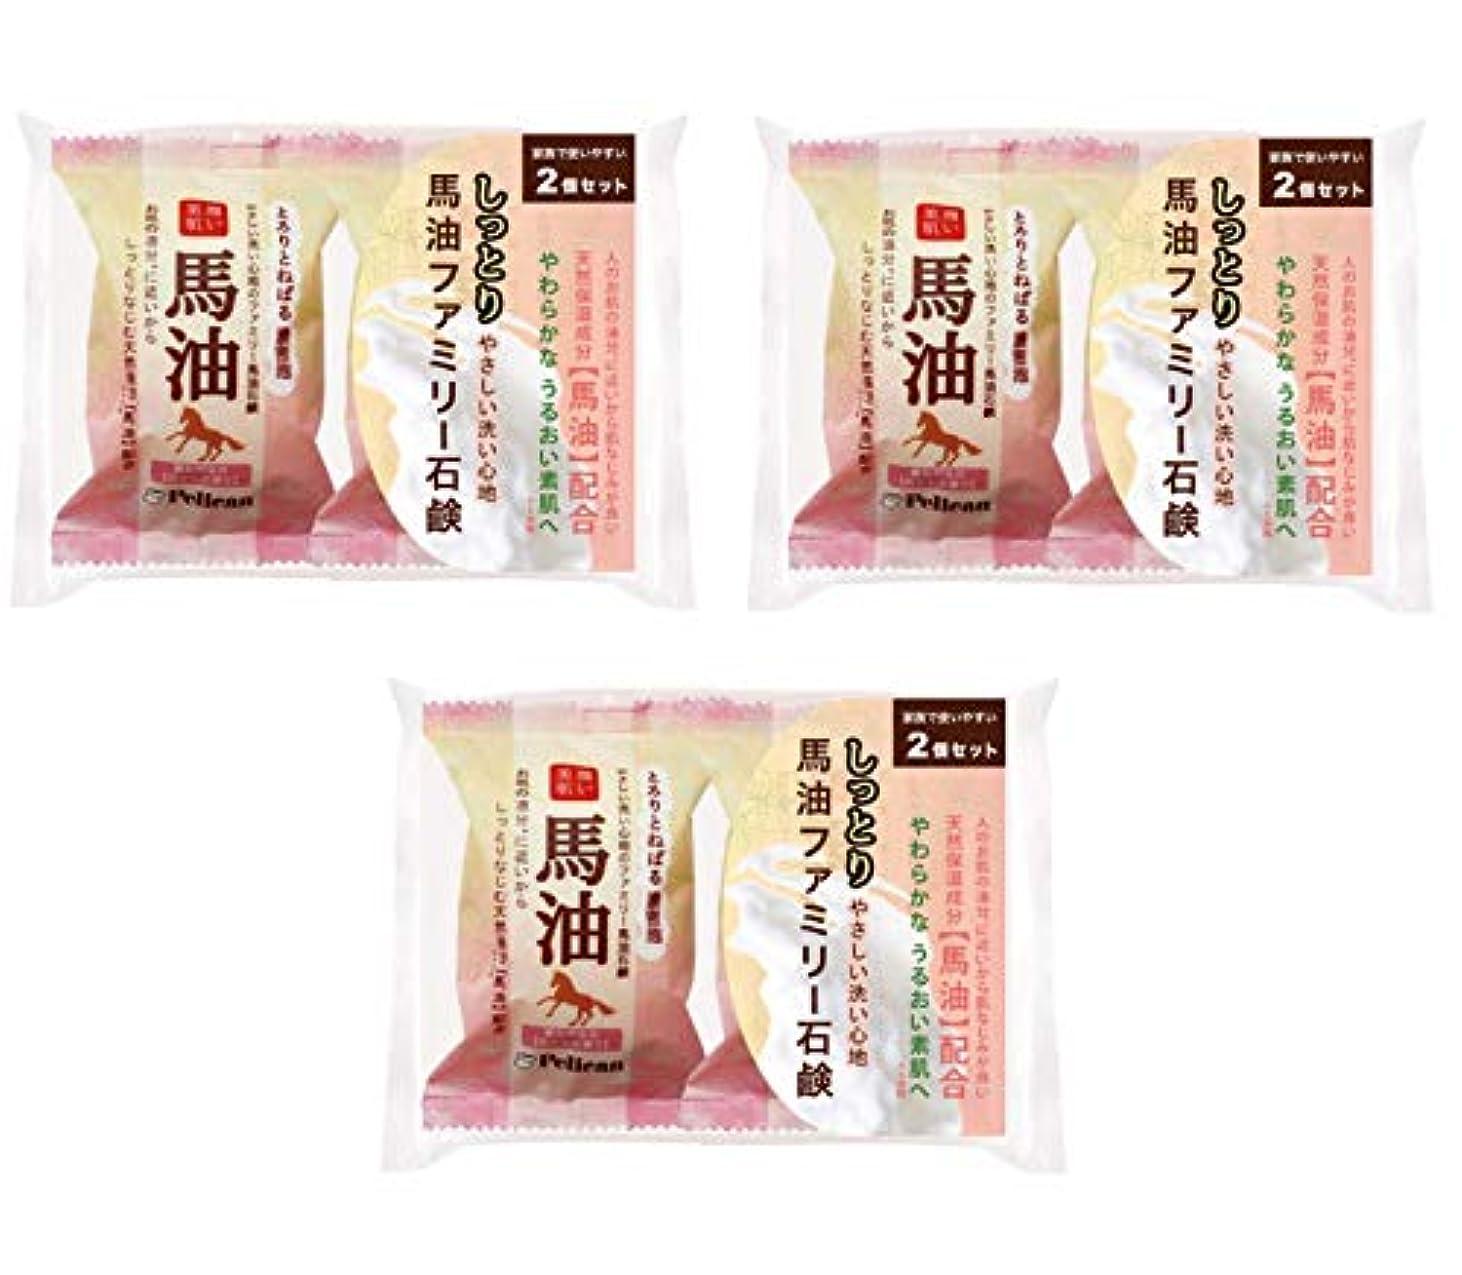 力差別化するカウンターパート【まとめ買い】ペリカン石鹸 ファミリー 馬油石鹸 2P ×3個セット